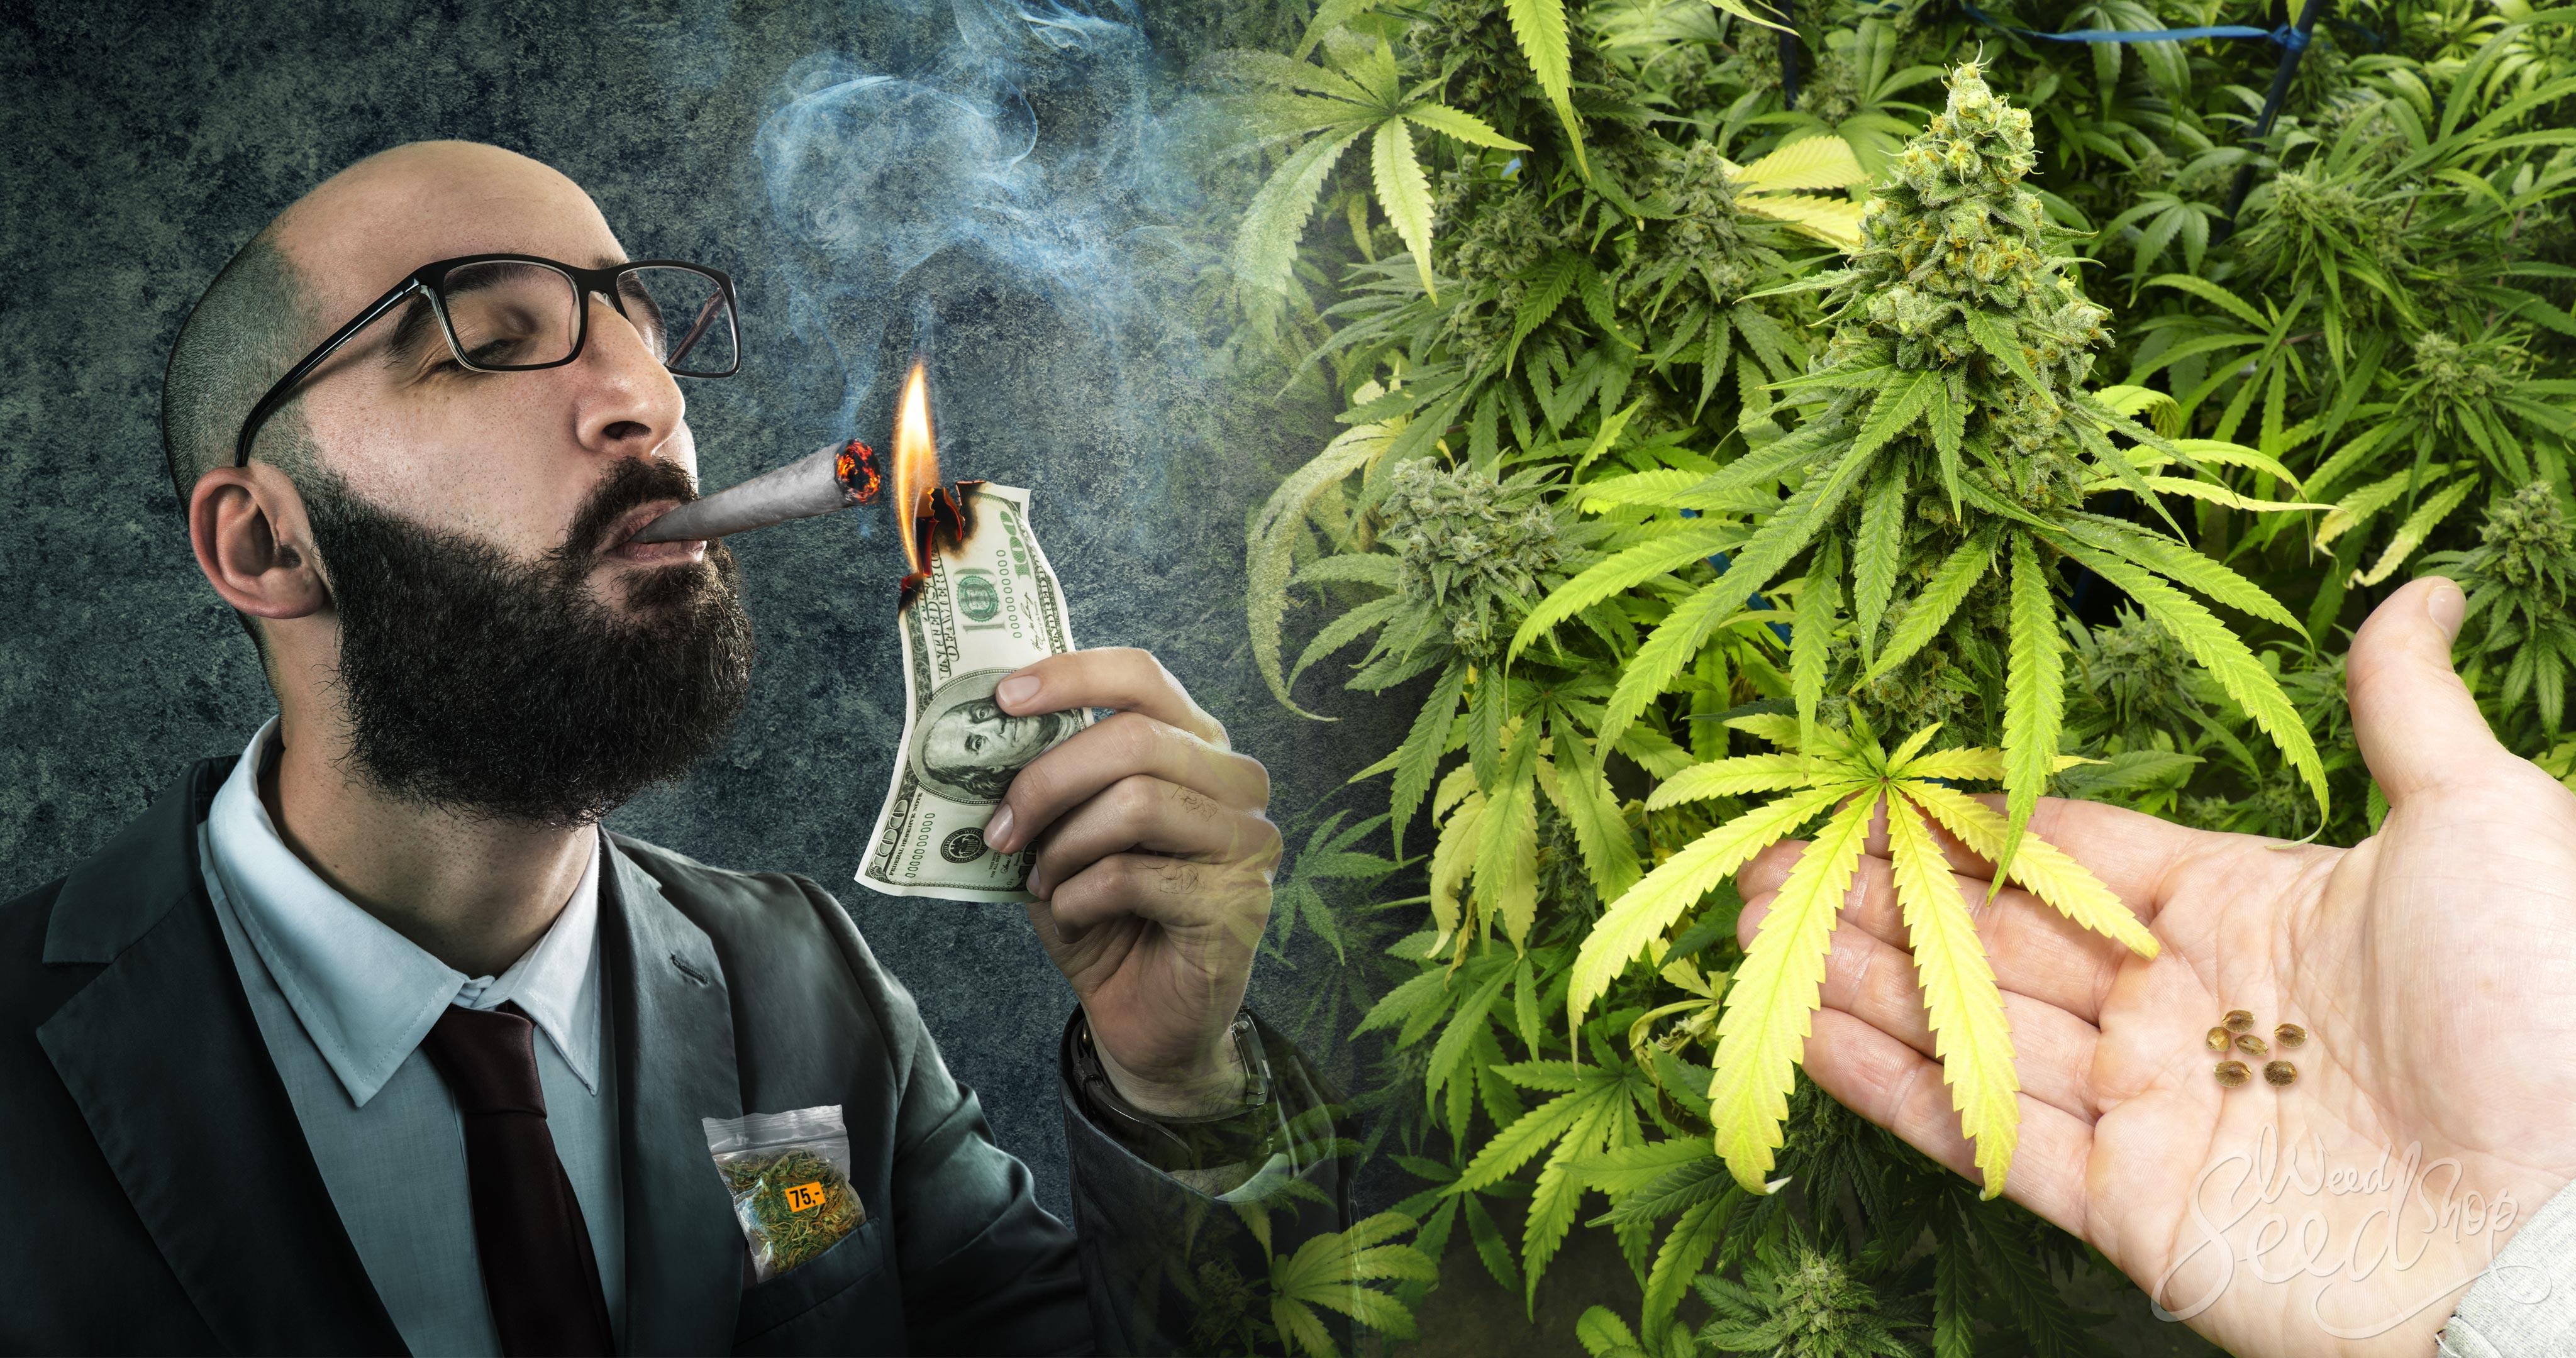 Warum es besser ist, dein eigenes Cannabis anzubauen, als es zu kaufen - Weed Seed Shop Blog